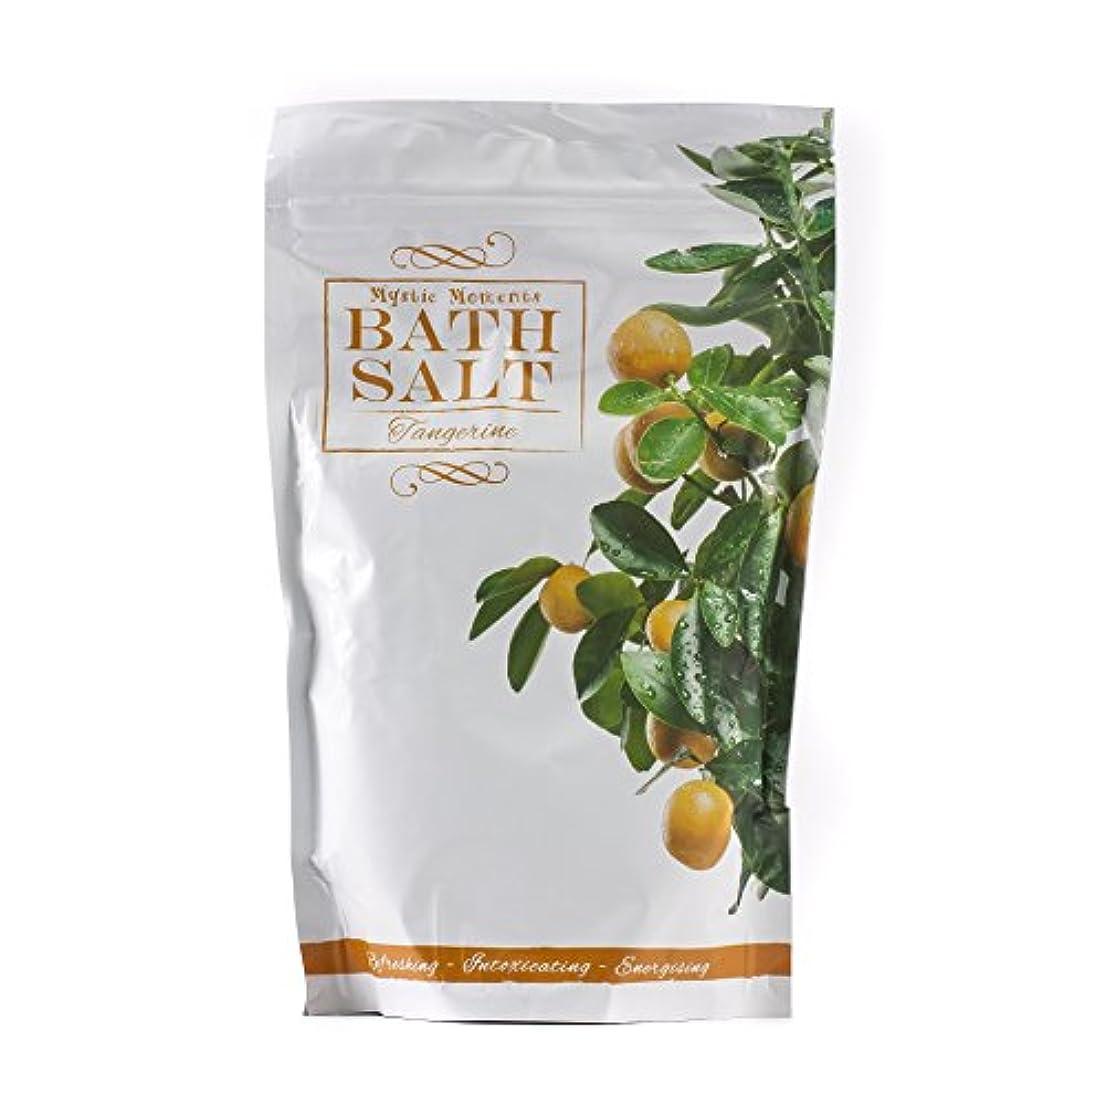 囲い第二砂Bath Salt - Tangerine - 1Kg